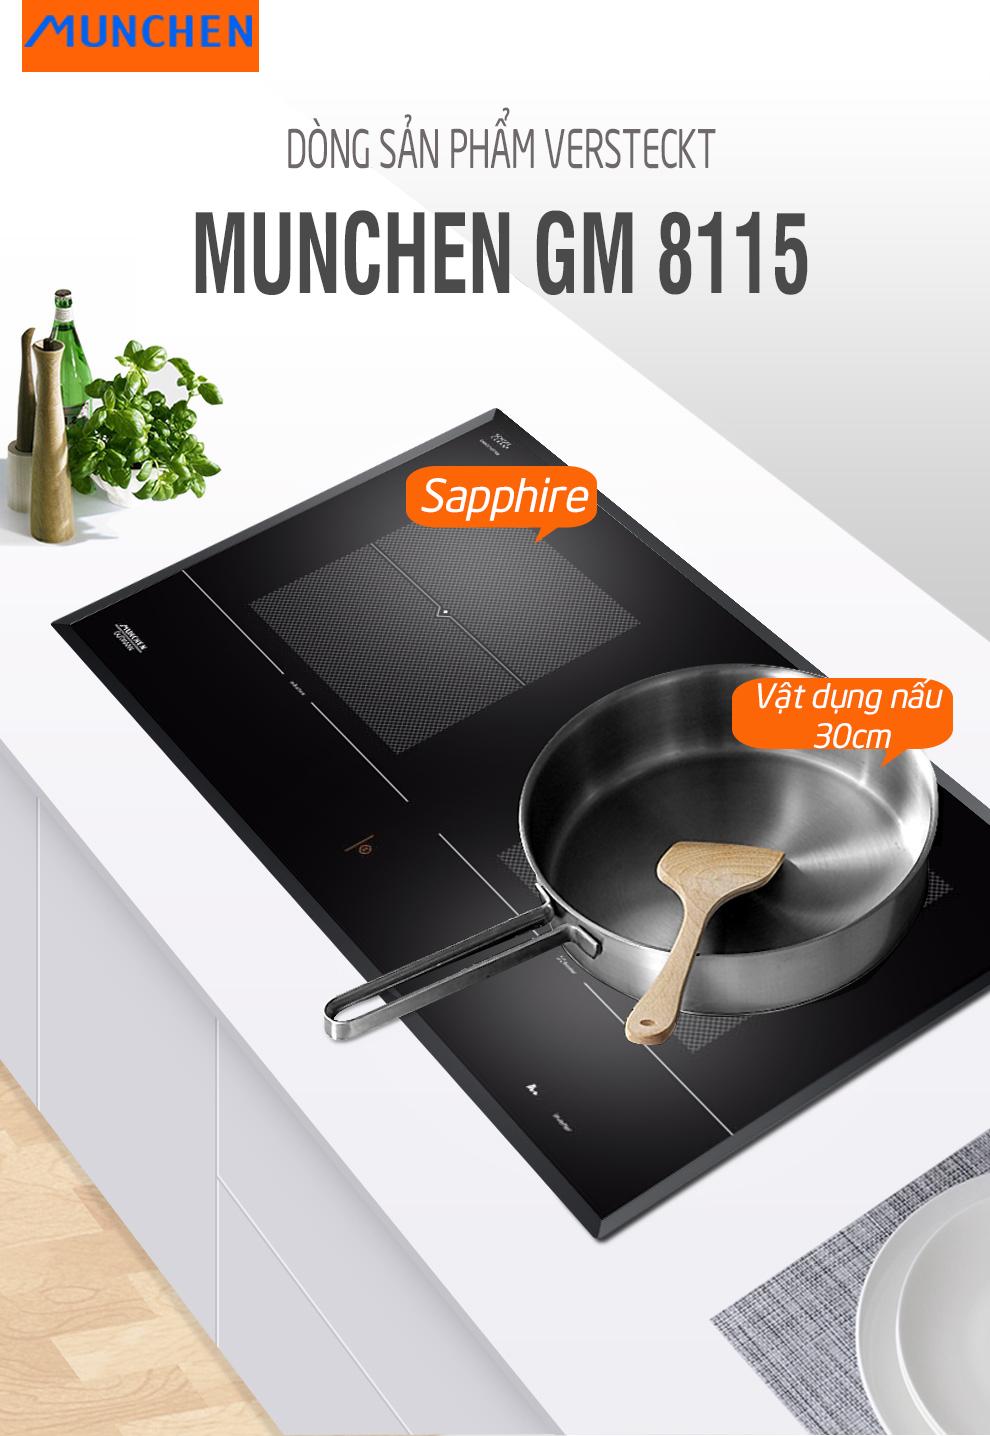 Bếp từ Munchen GM 8115 - Beptumunchen.net